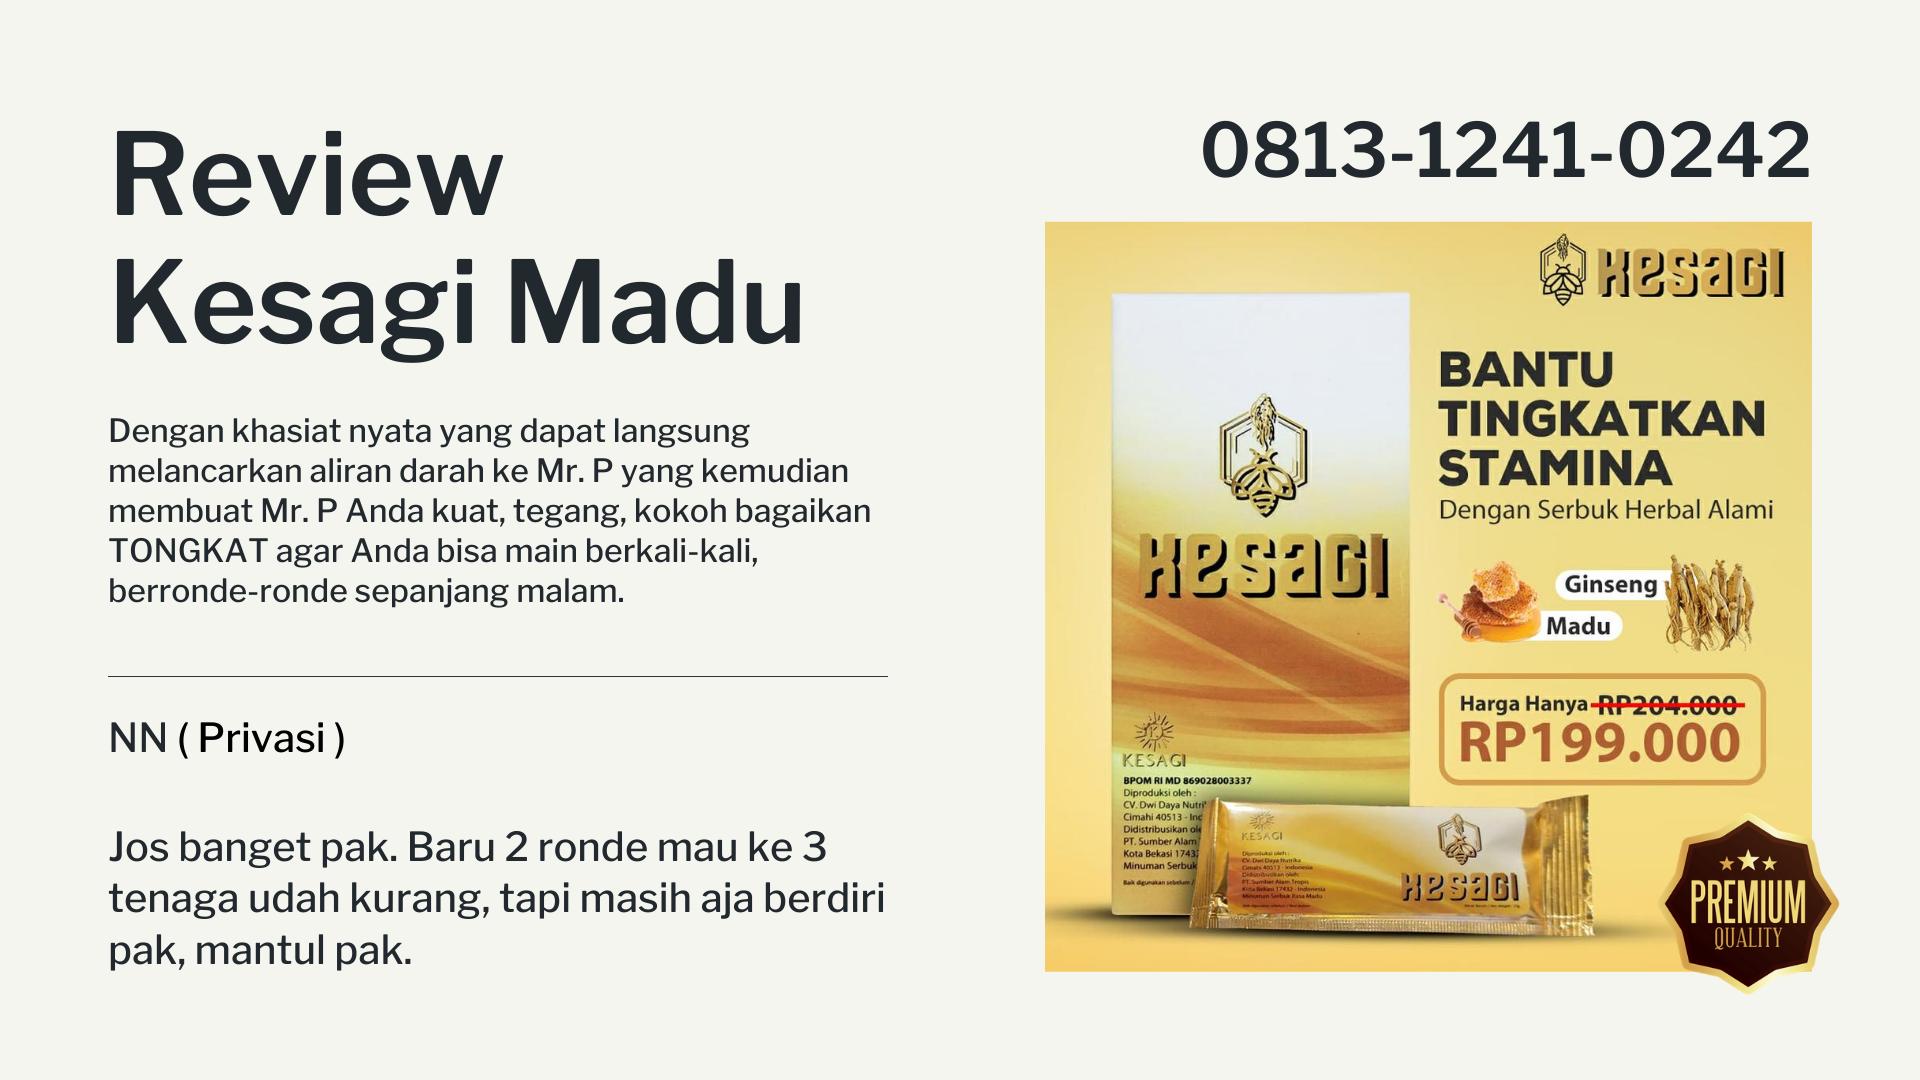 Review Madu Kesagi Stamina Pria Dewasa, Benarkah Ampuh ?